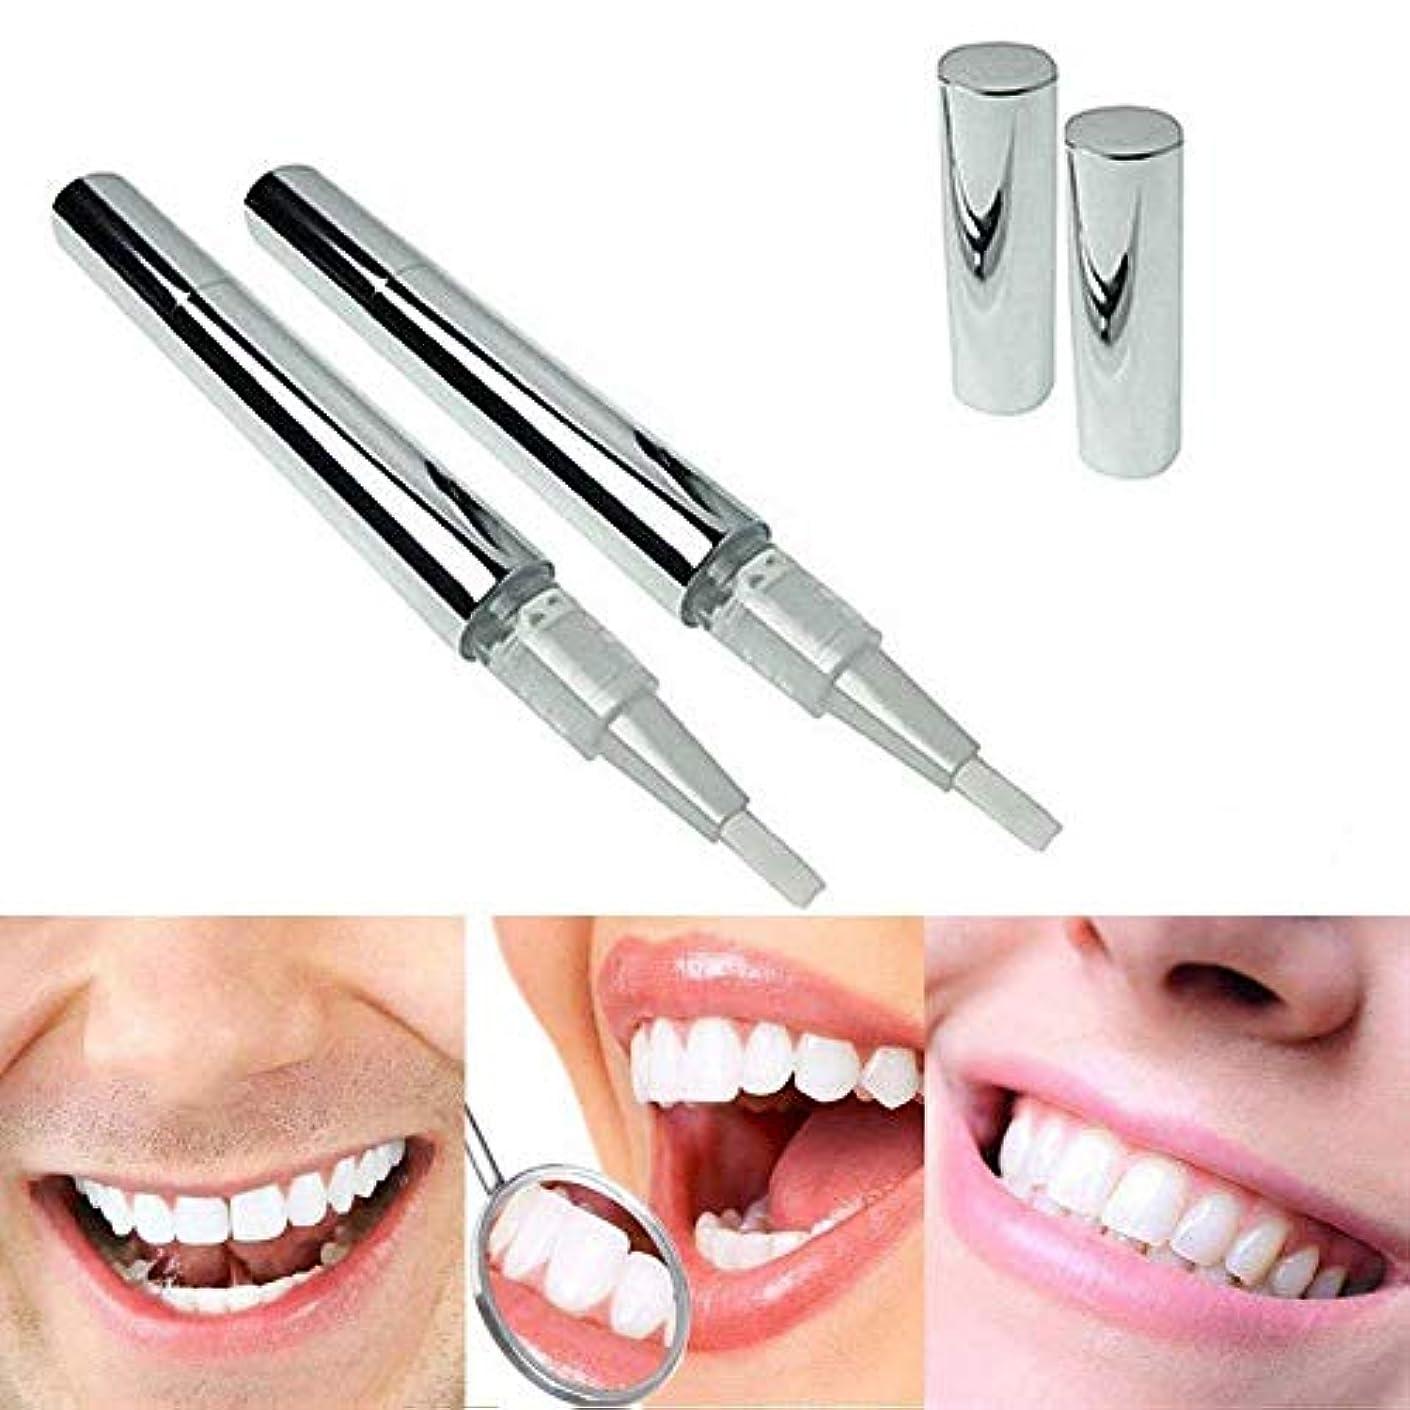 午後どきどき冷凍庫MercuryGo 美白歯ゲル 歯 ホワイトニングペン ホワイトニングペン 歯ブラシ 輝く笑顔 口臭防止 歯周病防止 2本